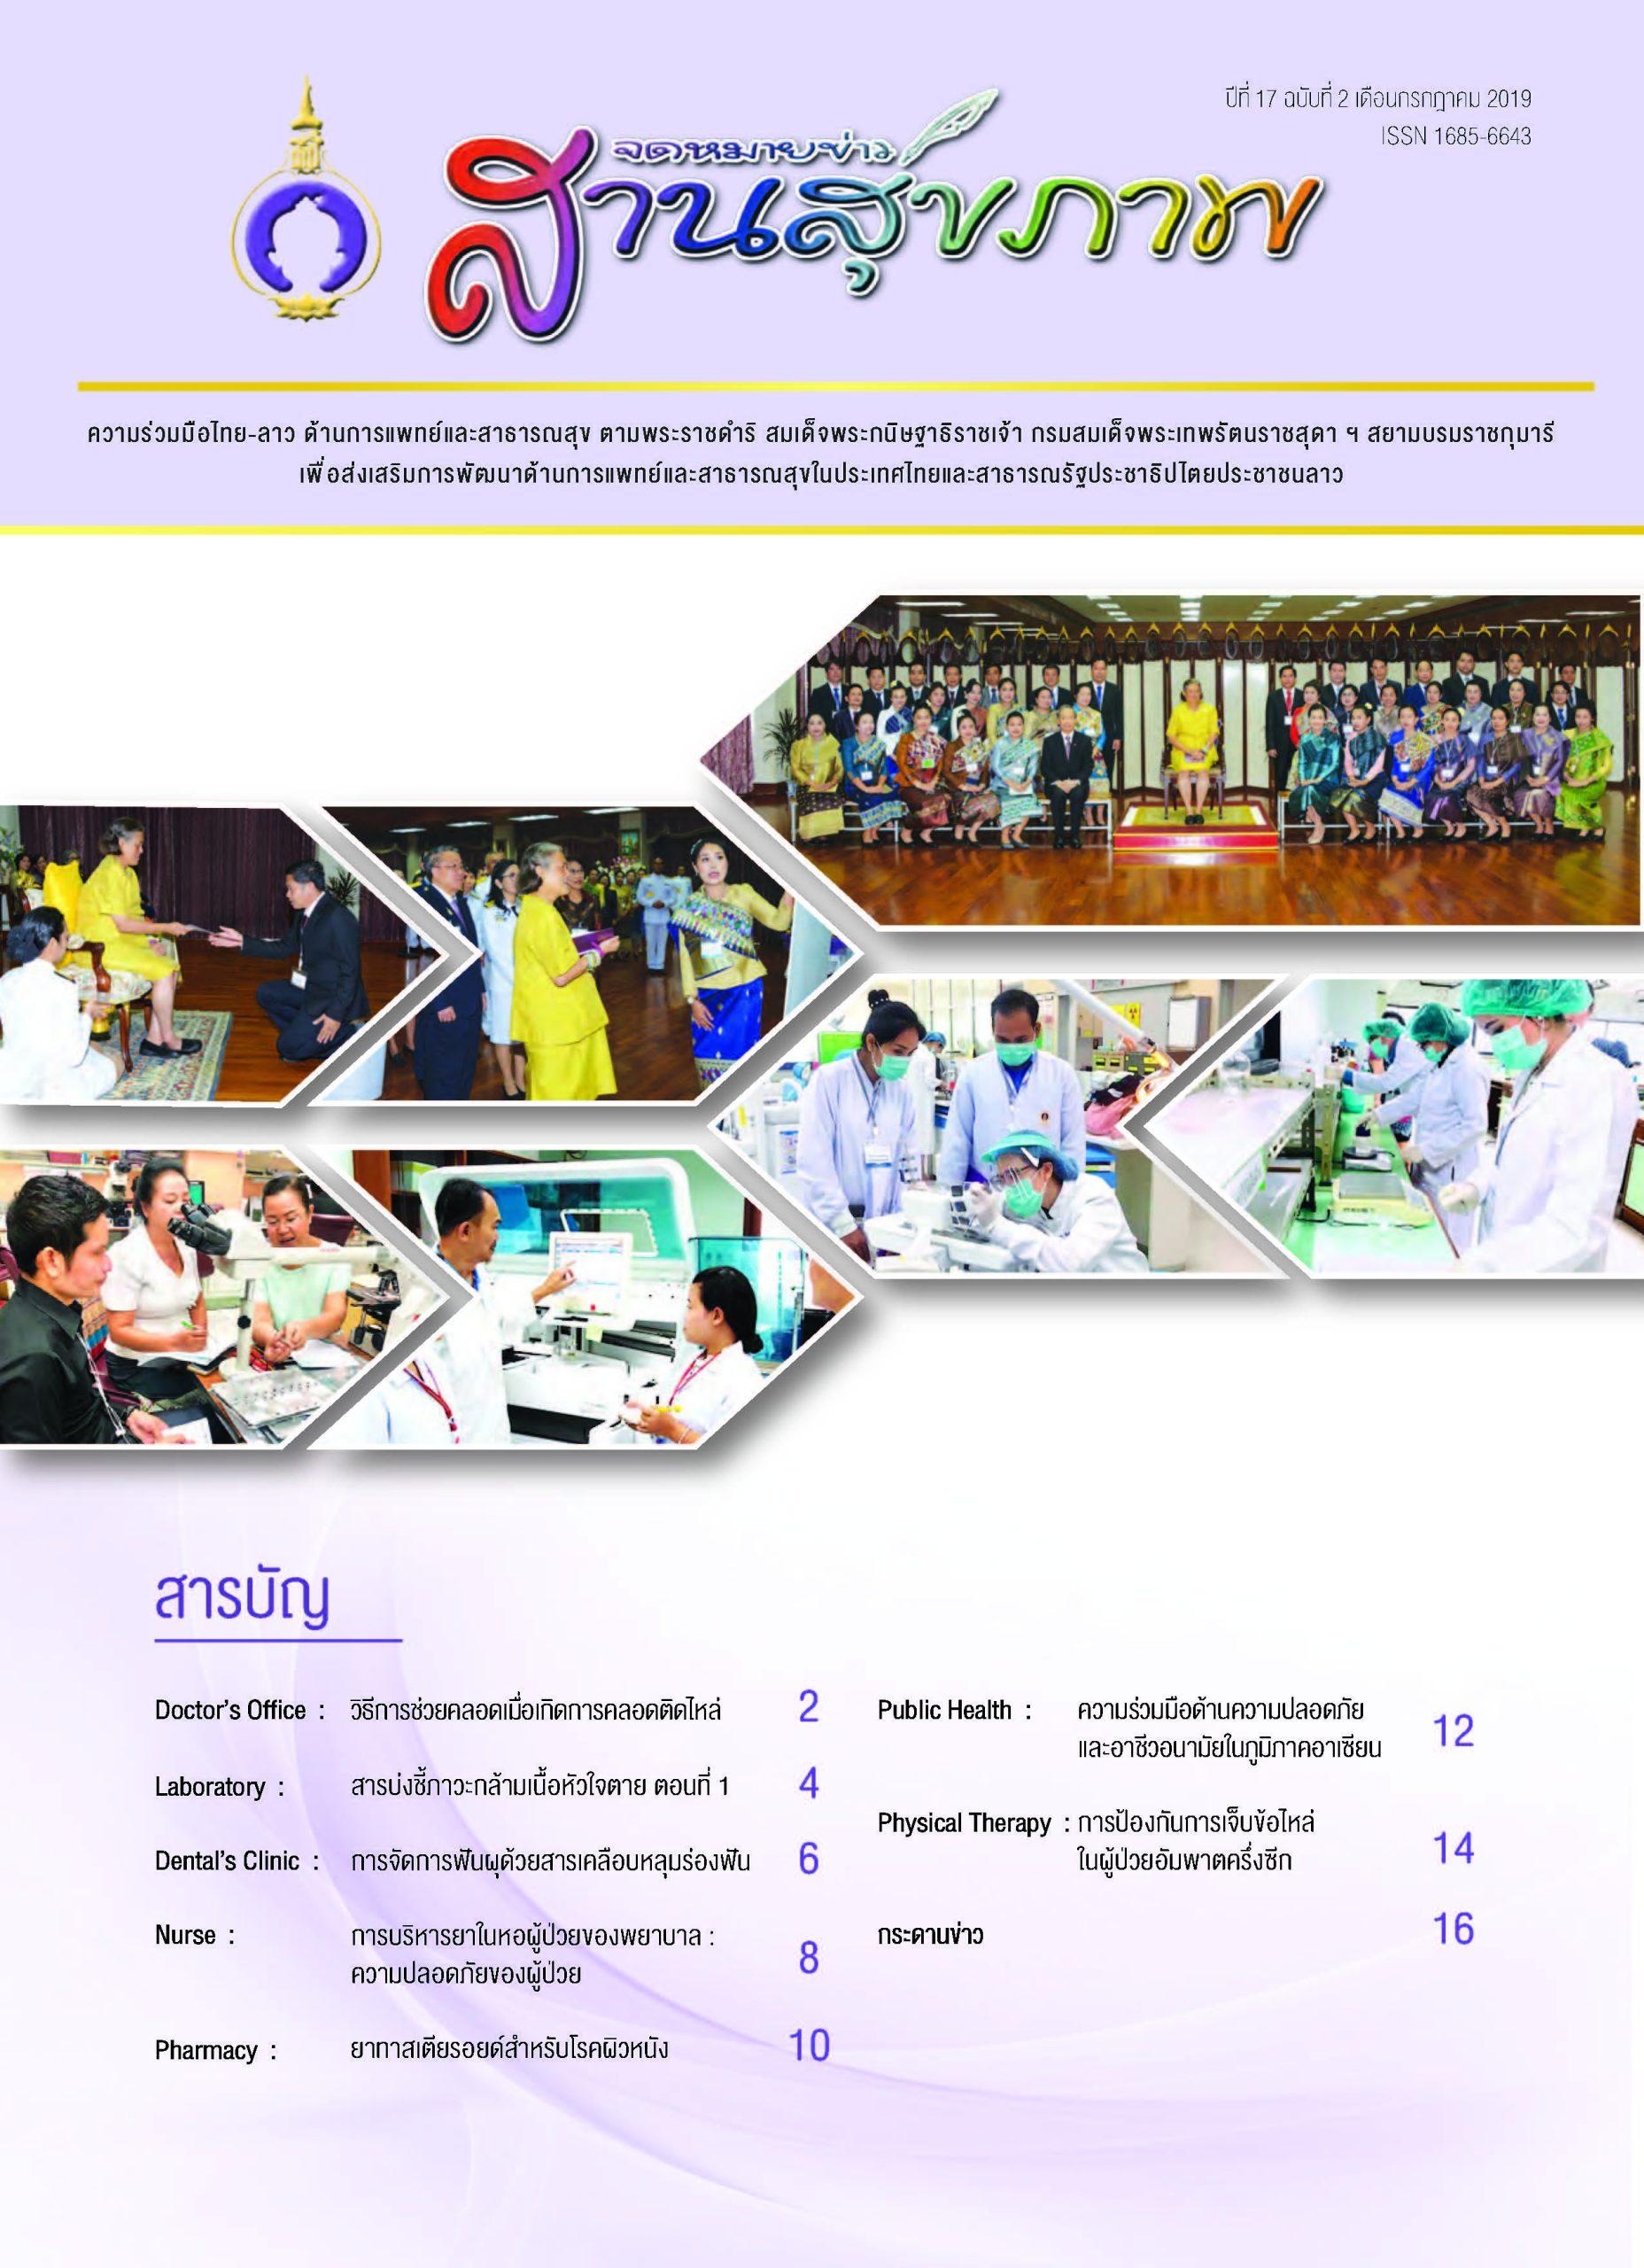 Informative Document